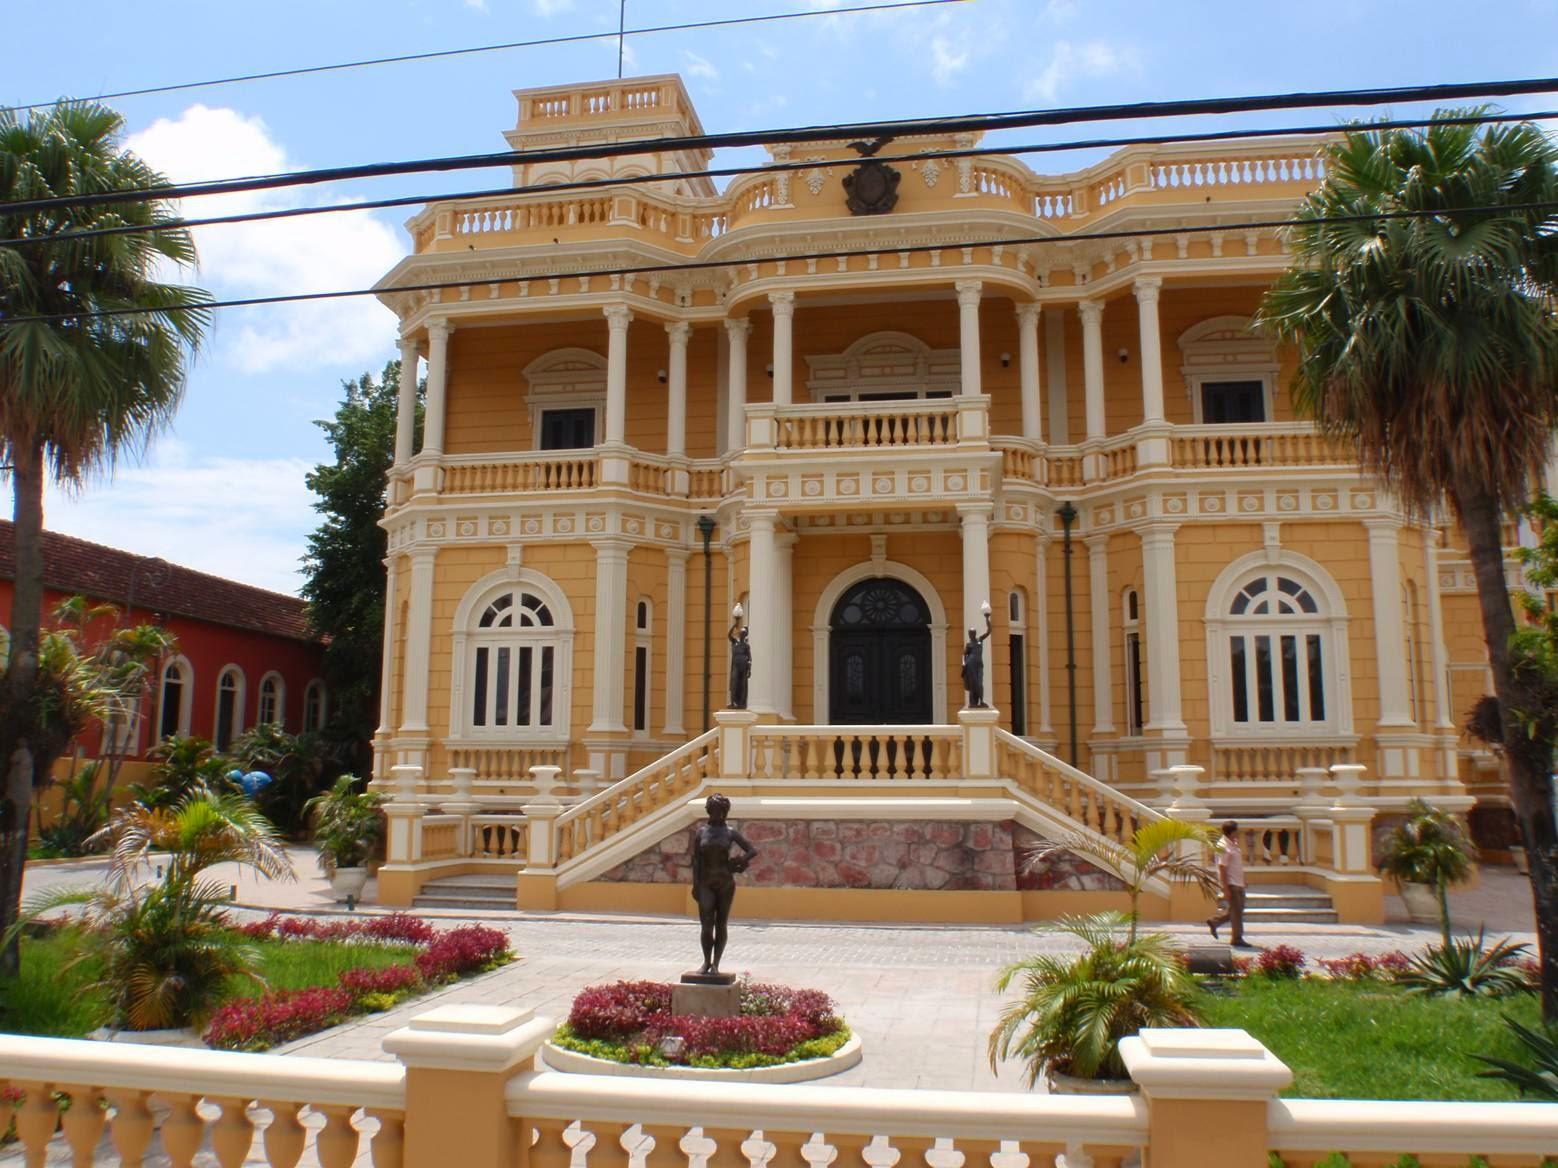 https://3.bp.blogspot.com/-W4KFAVlIH2U/Uz7WKG44WTI/AAAAAAAAg9U/bt30oqx715g/s1600/manaus-palacio-rio-negro.jpg